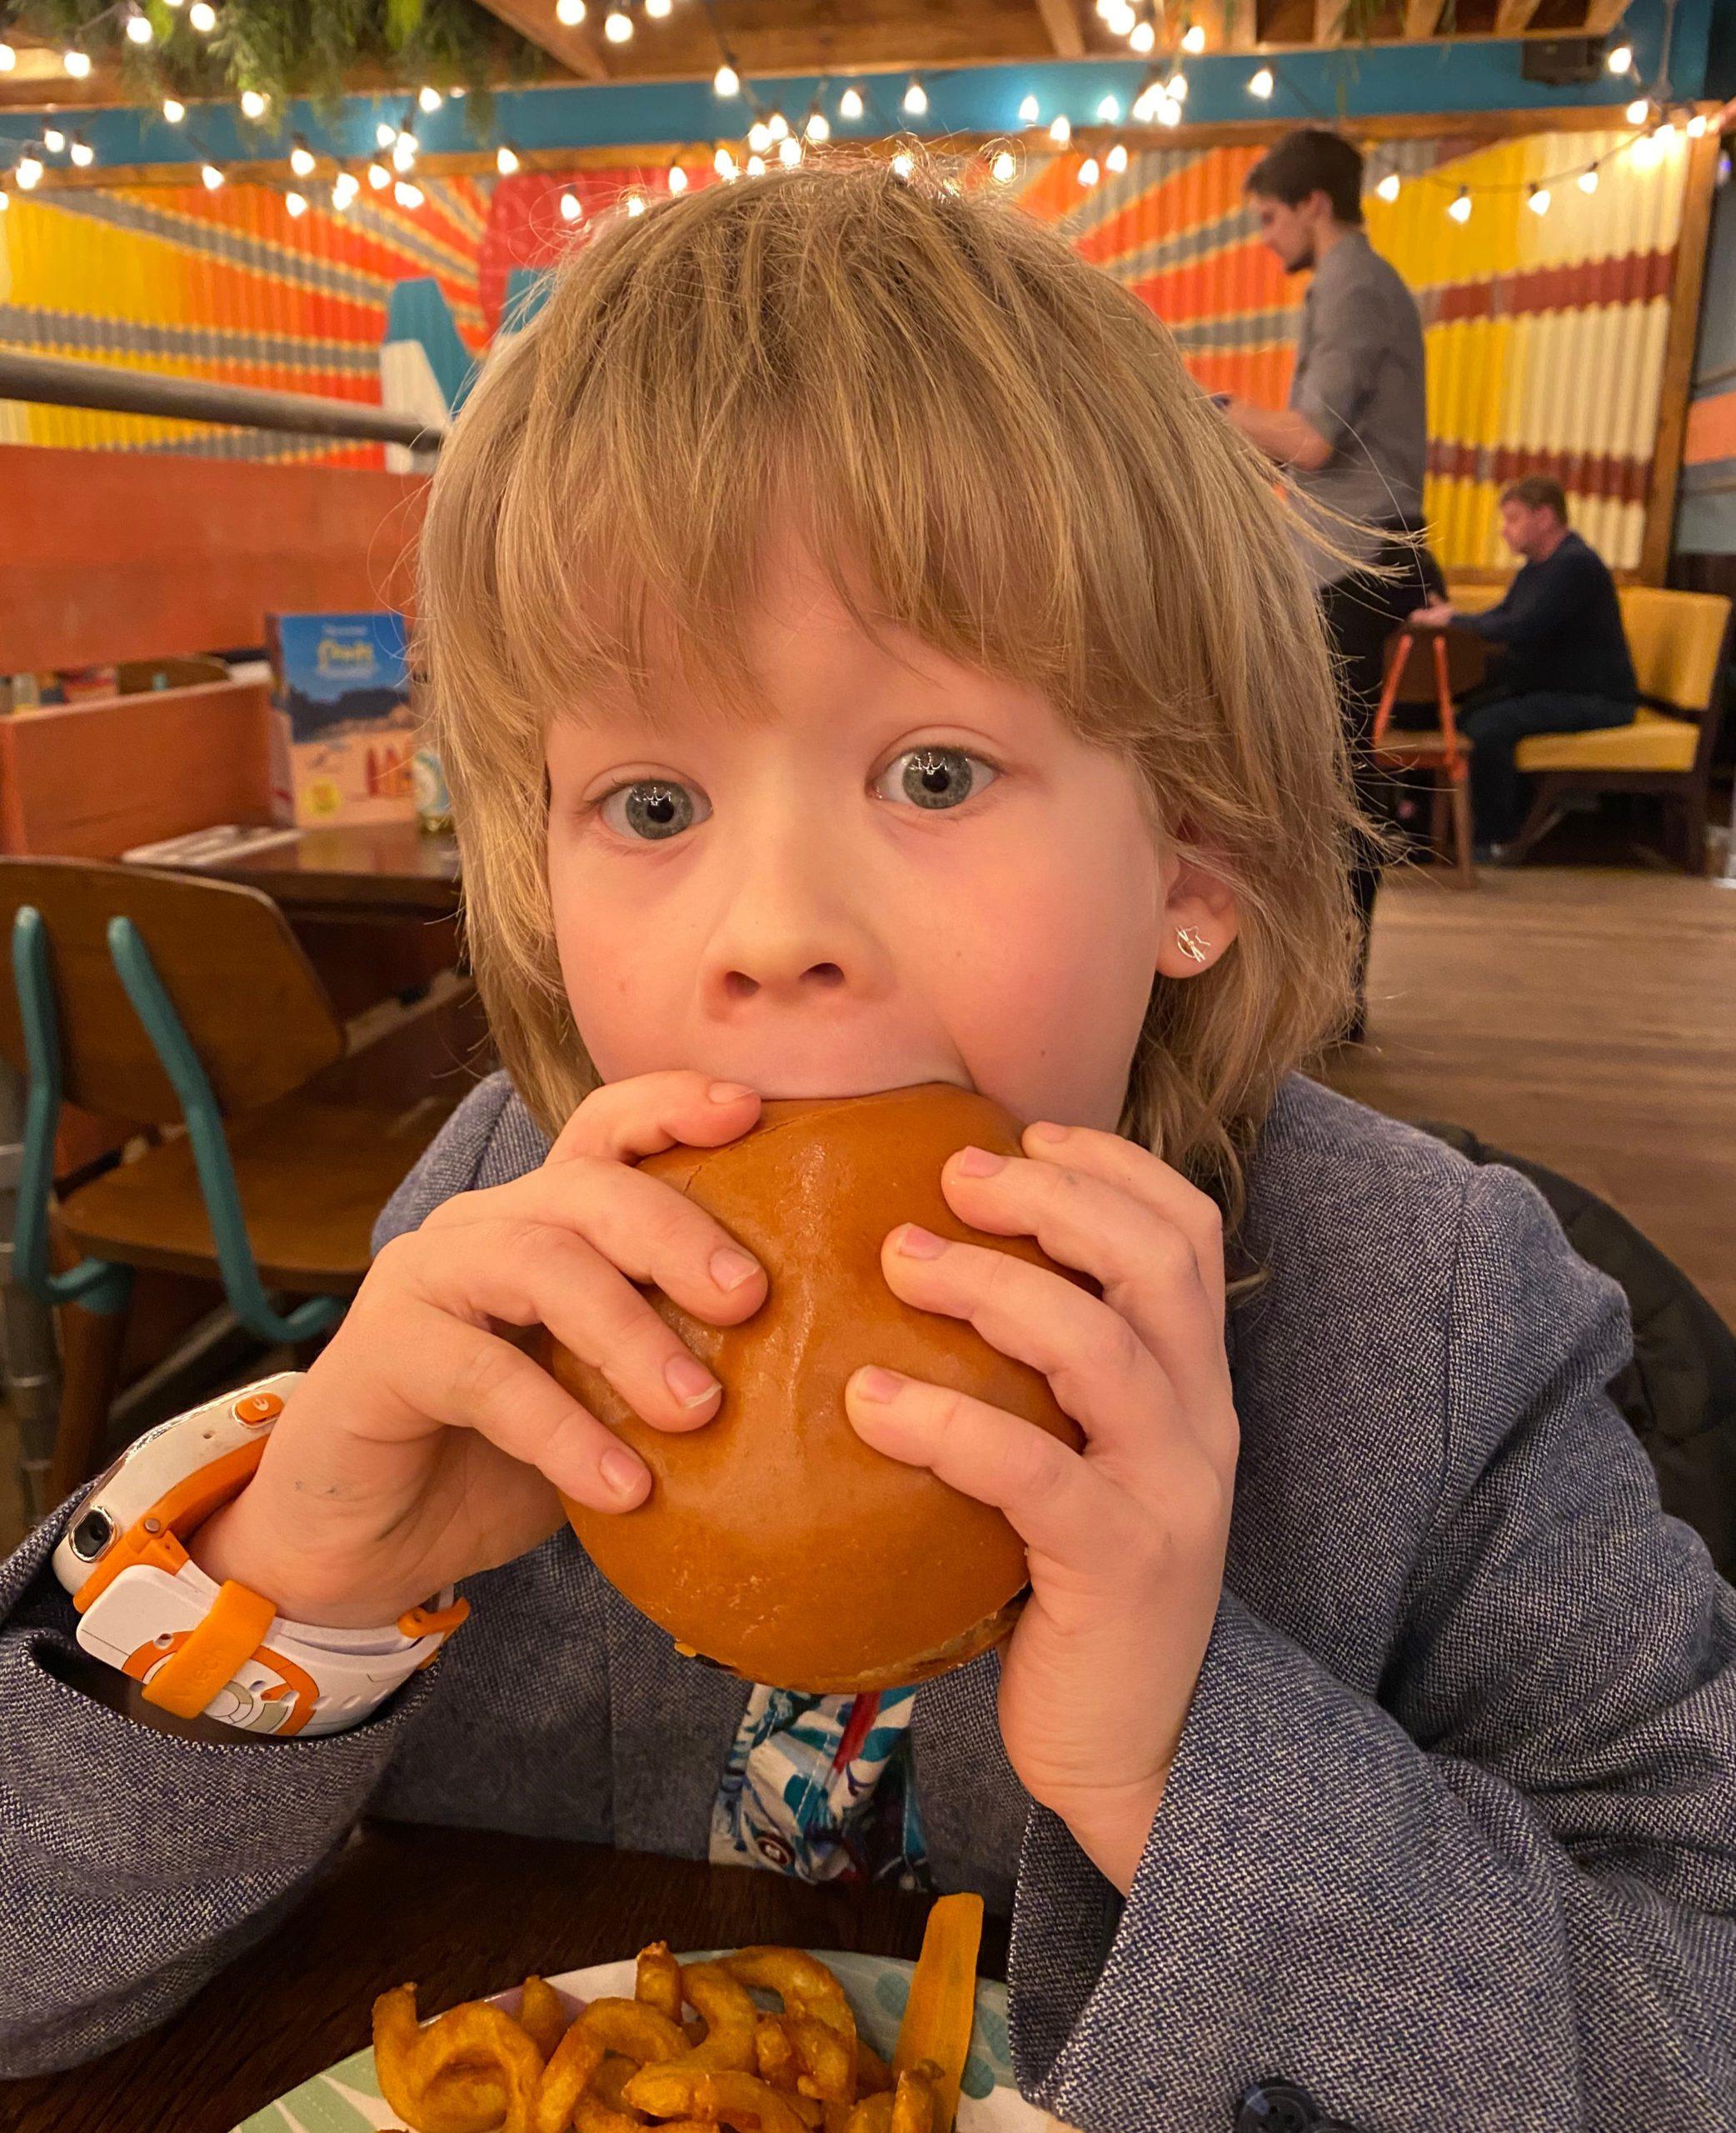 Logan eating a burger at Las Iguanas